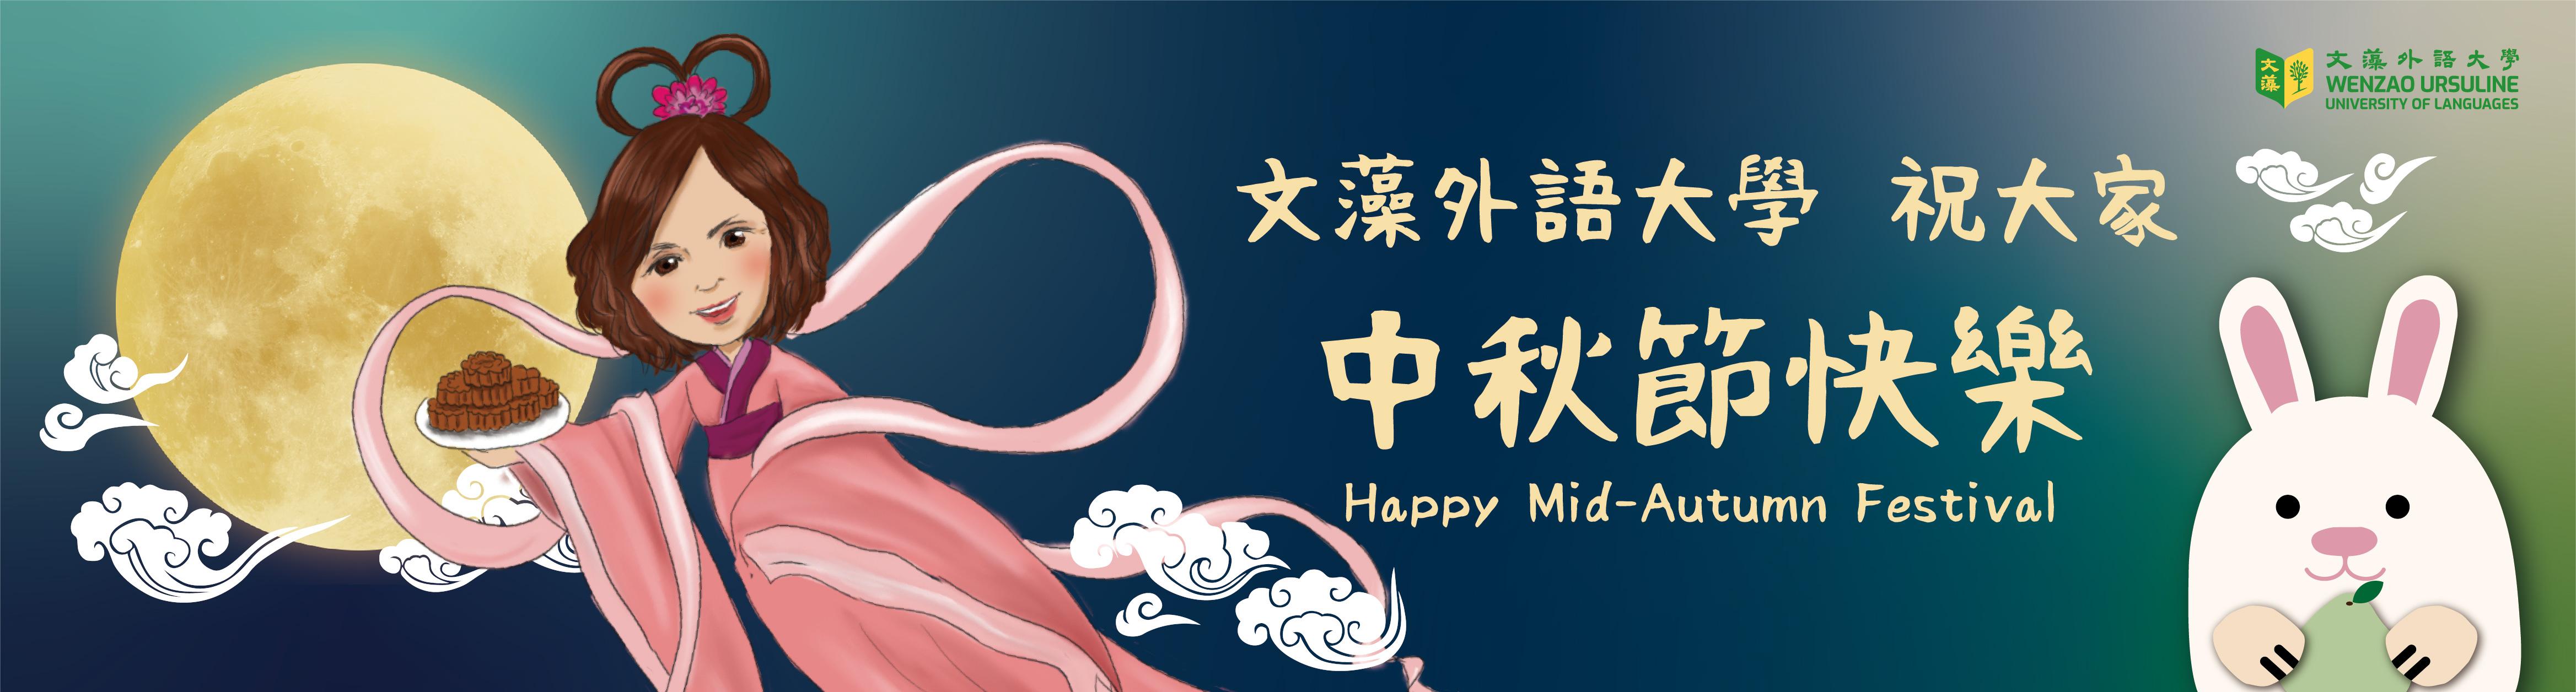 中秋節banner(另開新視窗)